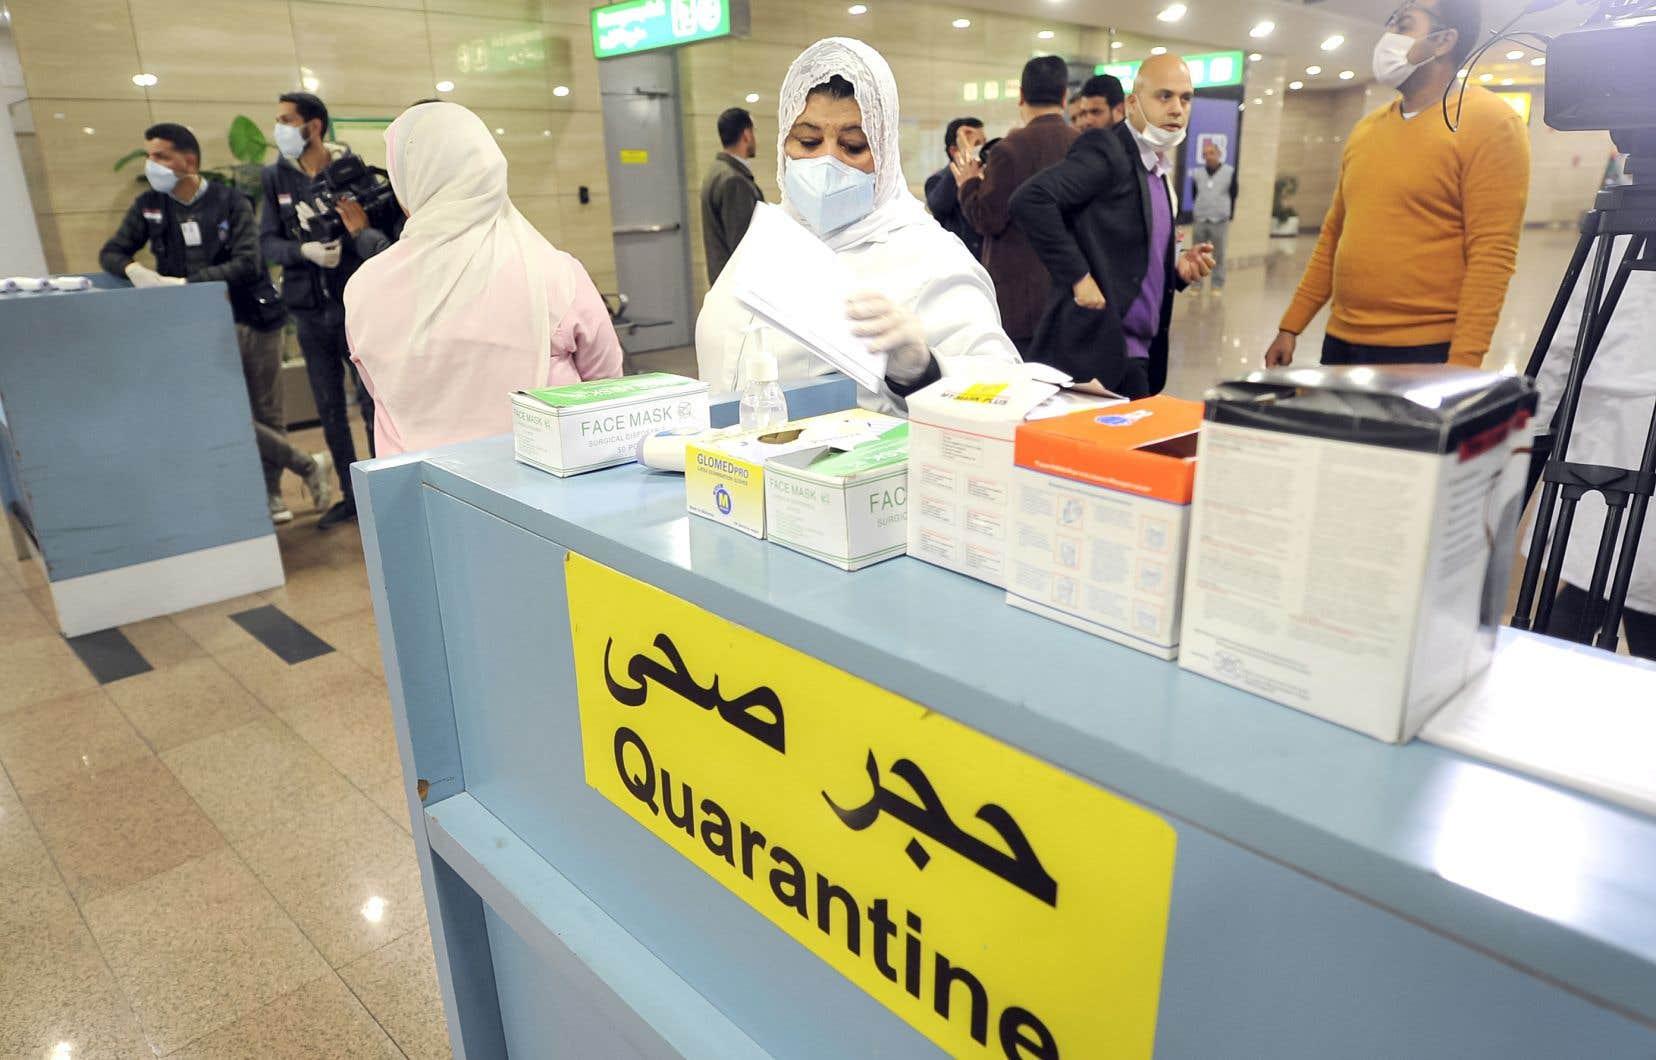 <p>Jusqu'à présent, l'Égypte est le seul pays d'Afrique a avoir enregistré un cas confirmé de contamination.</p>